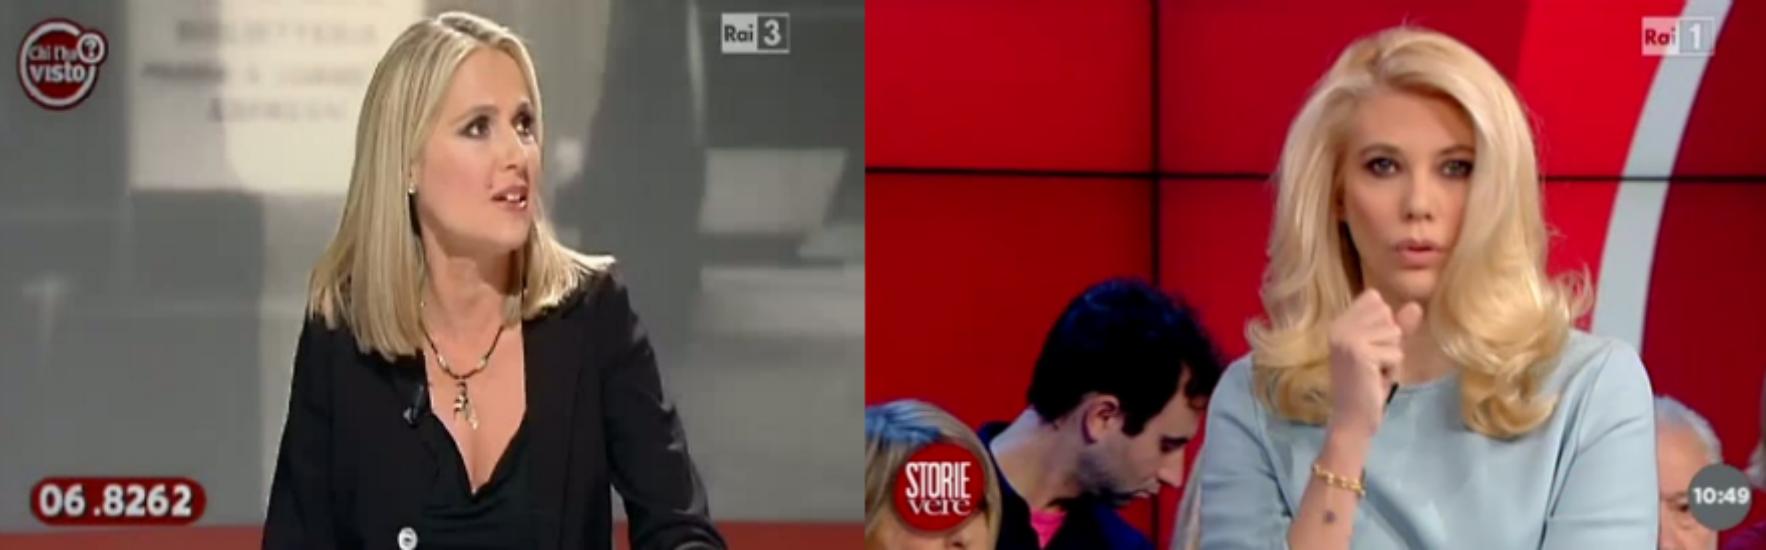 Chi l'ha visto, Federica Sciarelli contro Eleonora Daniele: Storie Vere è un plagio?